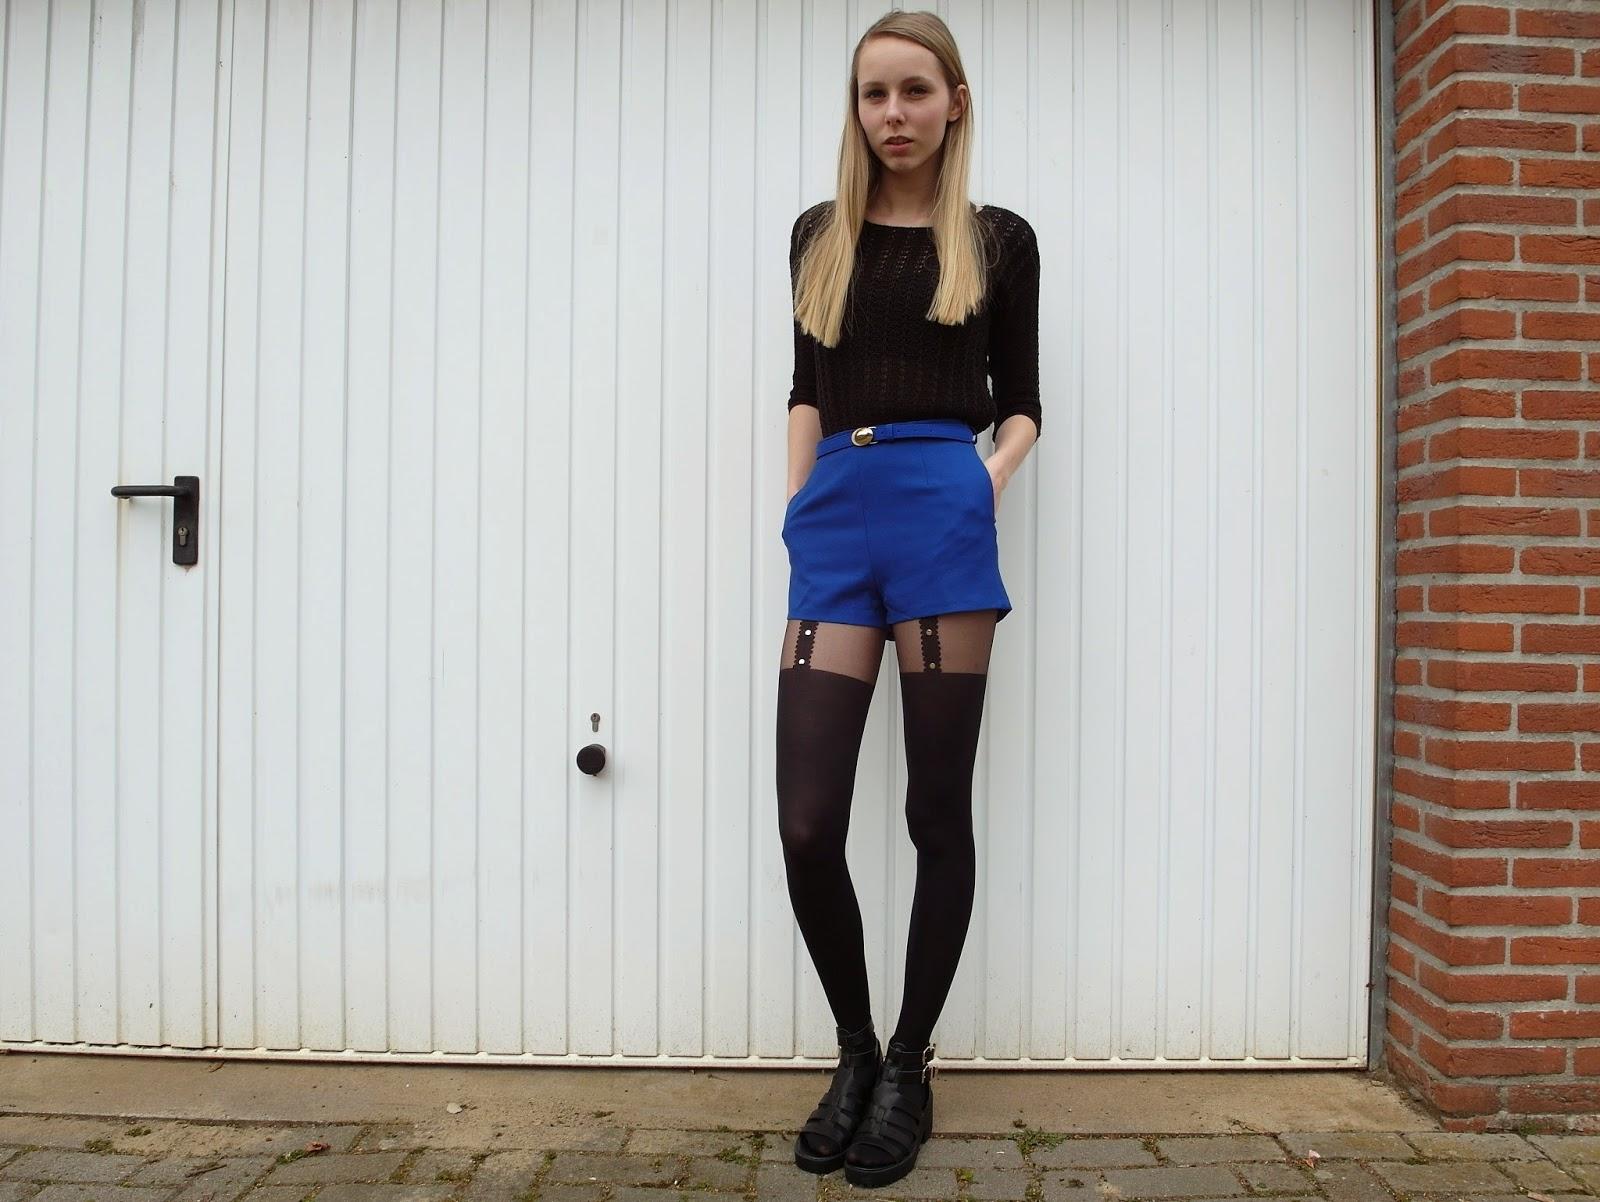 Blauwe shorts met panty eronder Kenzaa webshop Primark sandalen overknee sokken outfit inspiratie